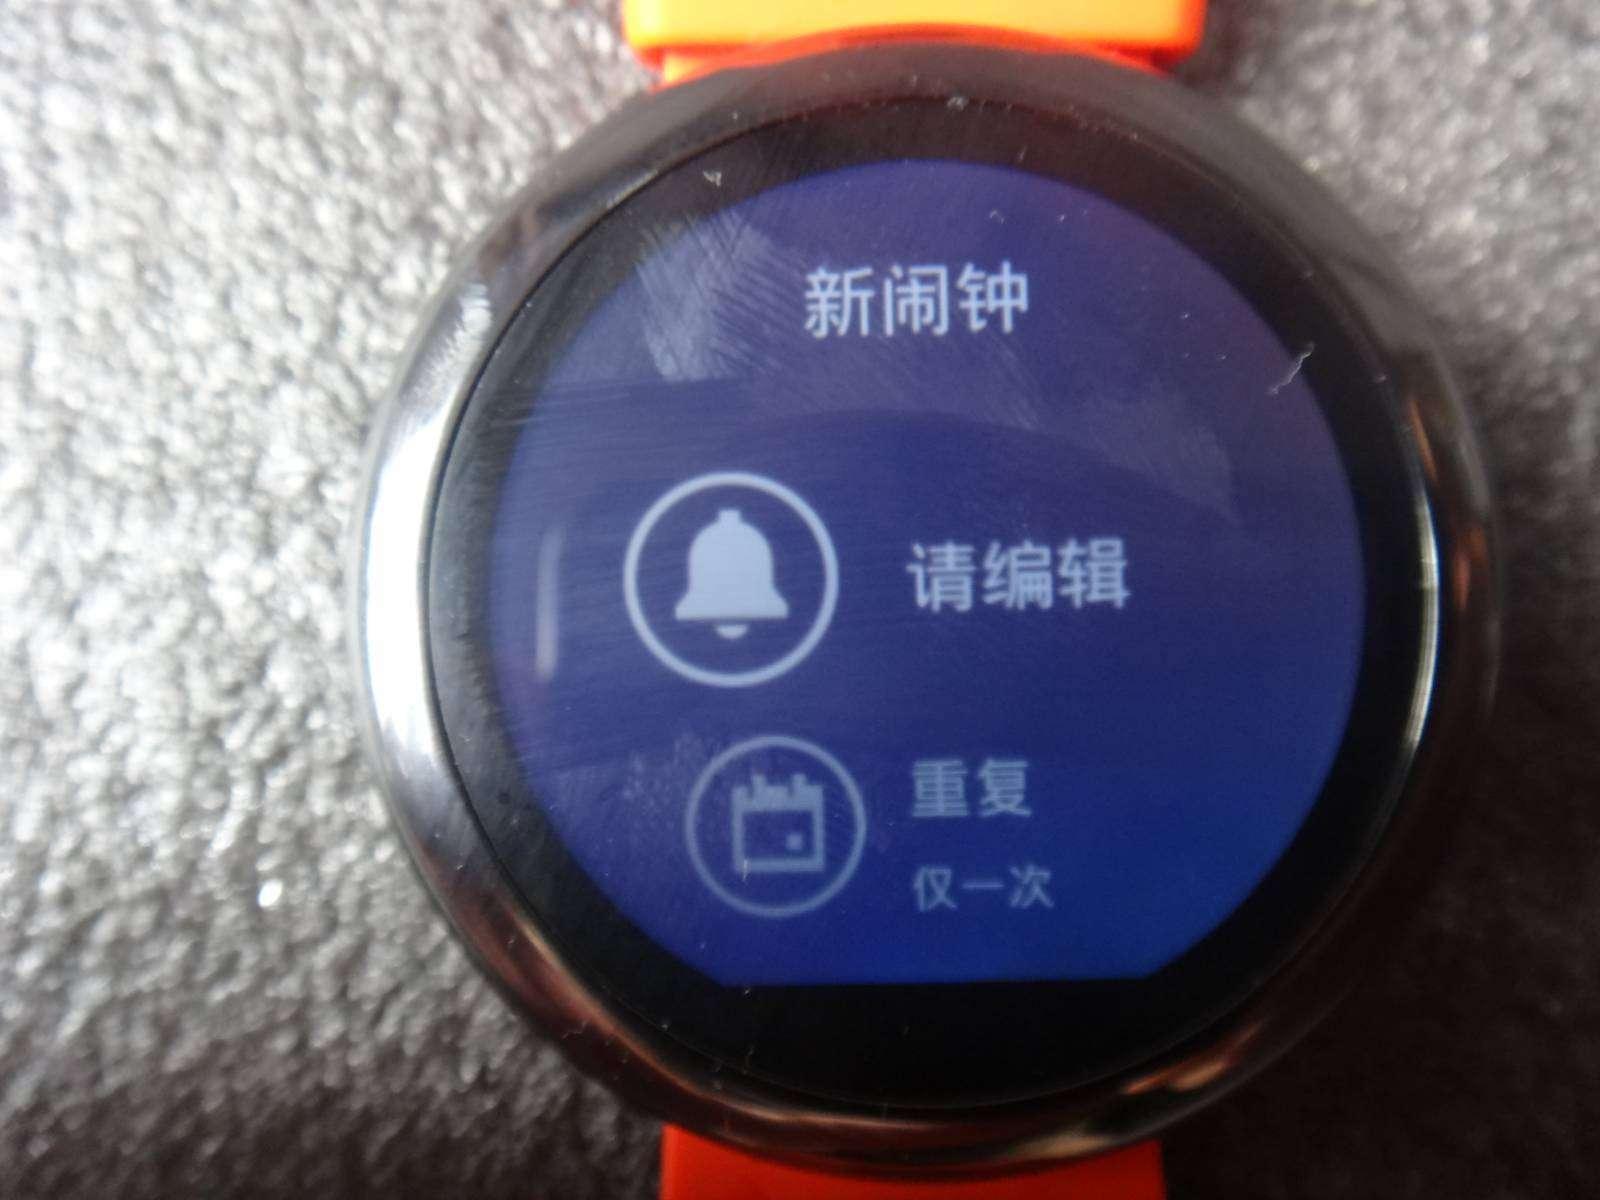 GearBest: Xiaomi AMAZFIT умные часы с продвинутым функционалом и различными уведомлениями